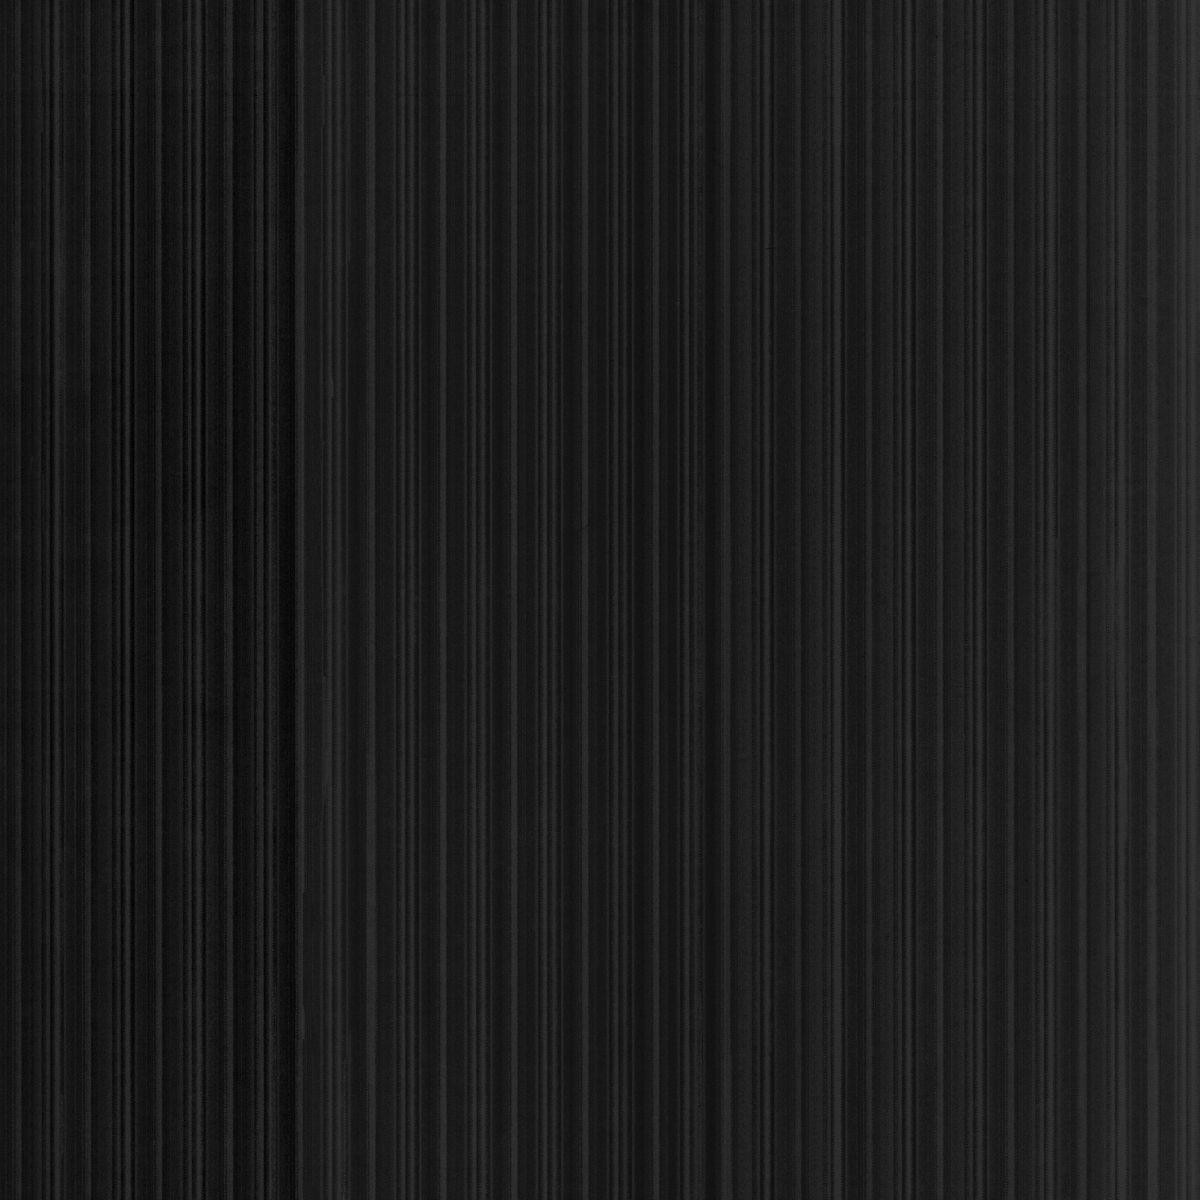 hochwertige tapeten und stoffe satintapete mit streifen cs27308 decowunder. Black Bedroom Furniture Sets. Home Design Ideas